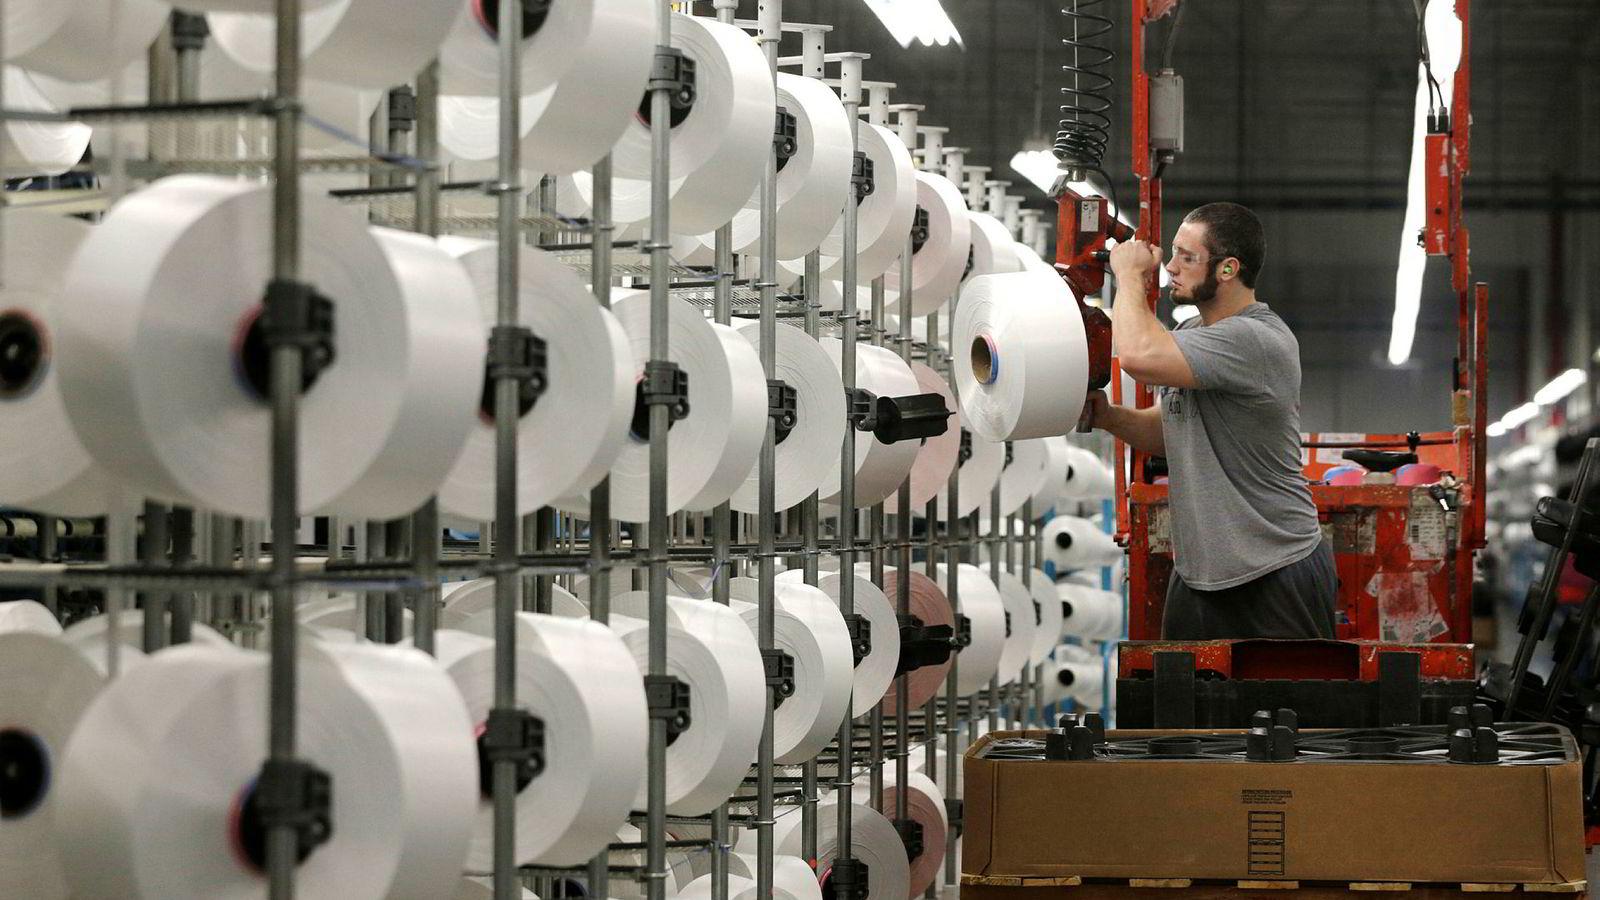 Basert på våre tall, skulle amerikanske industriarbeidere hatt over dobbelt så mye å rutte med allerede i 2004, dersom lønnsdannelsen hadde vært knyttet til produktivitetsveksten, skriver artikkelforfatteren. Her fra en fabrikk i Nord-Carolina.